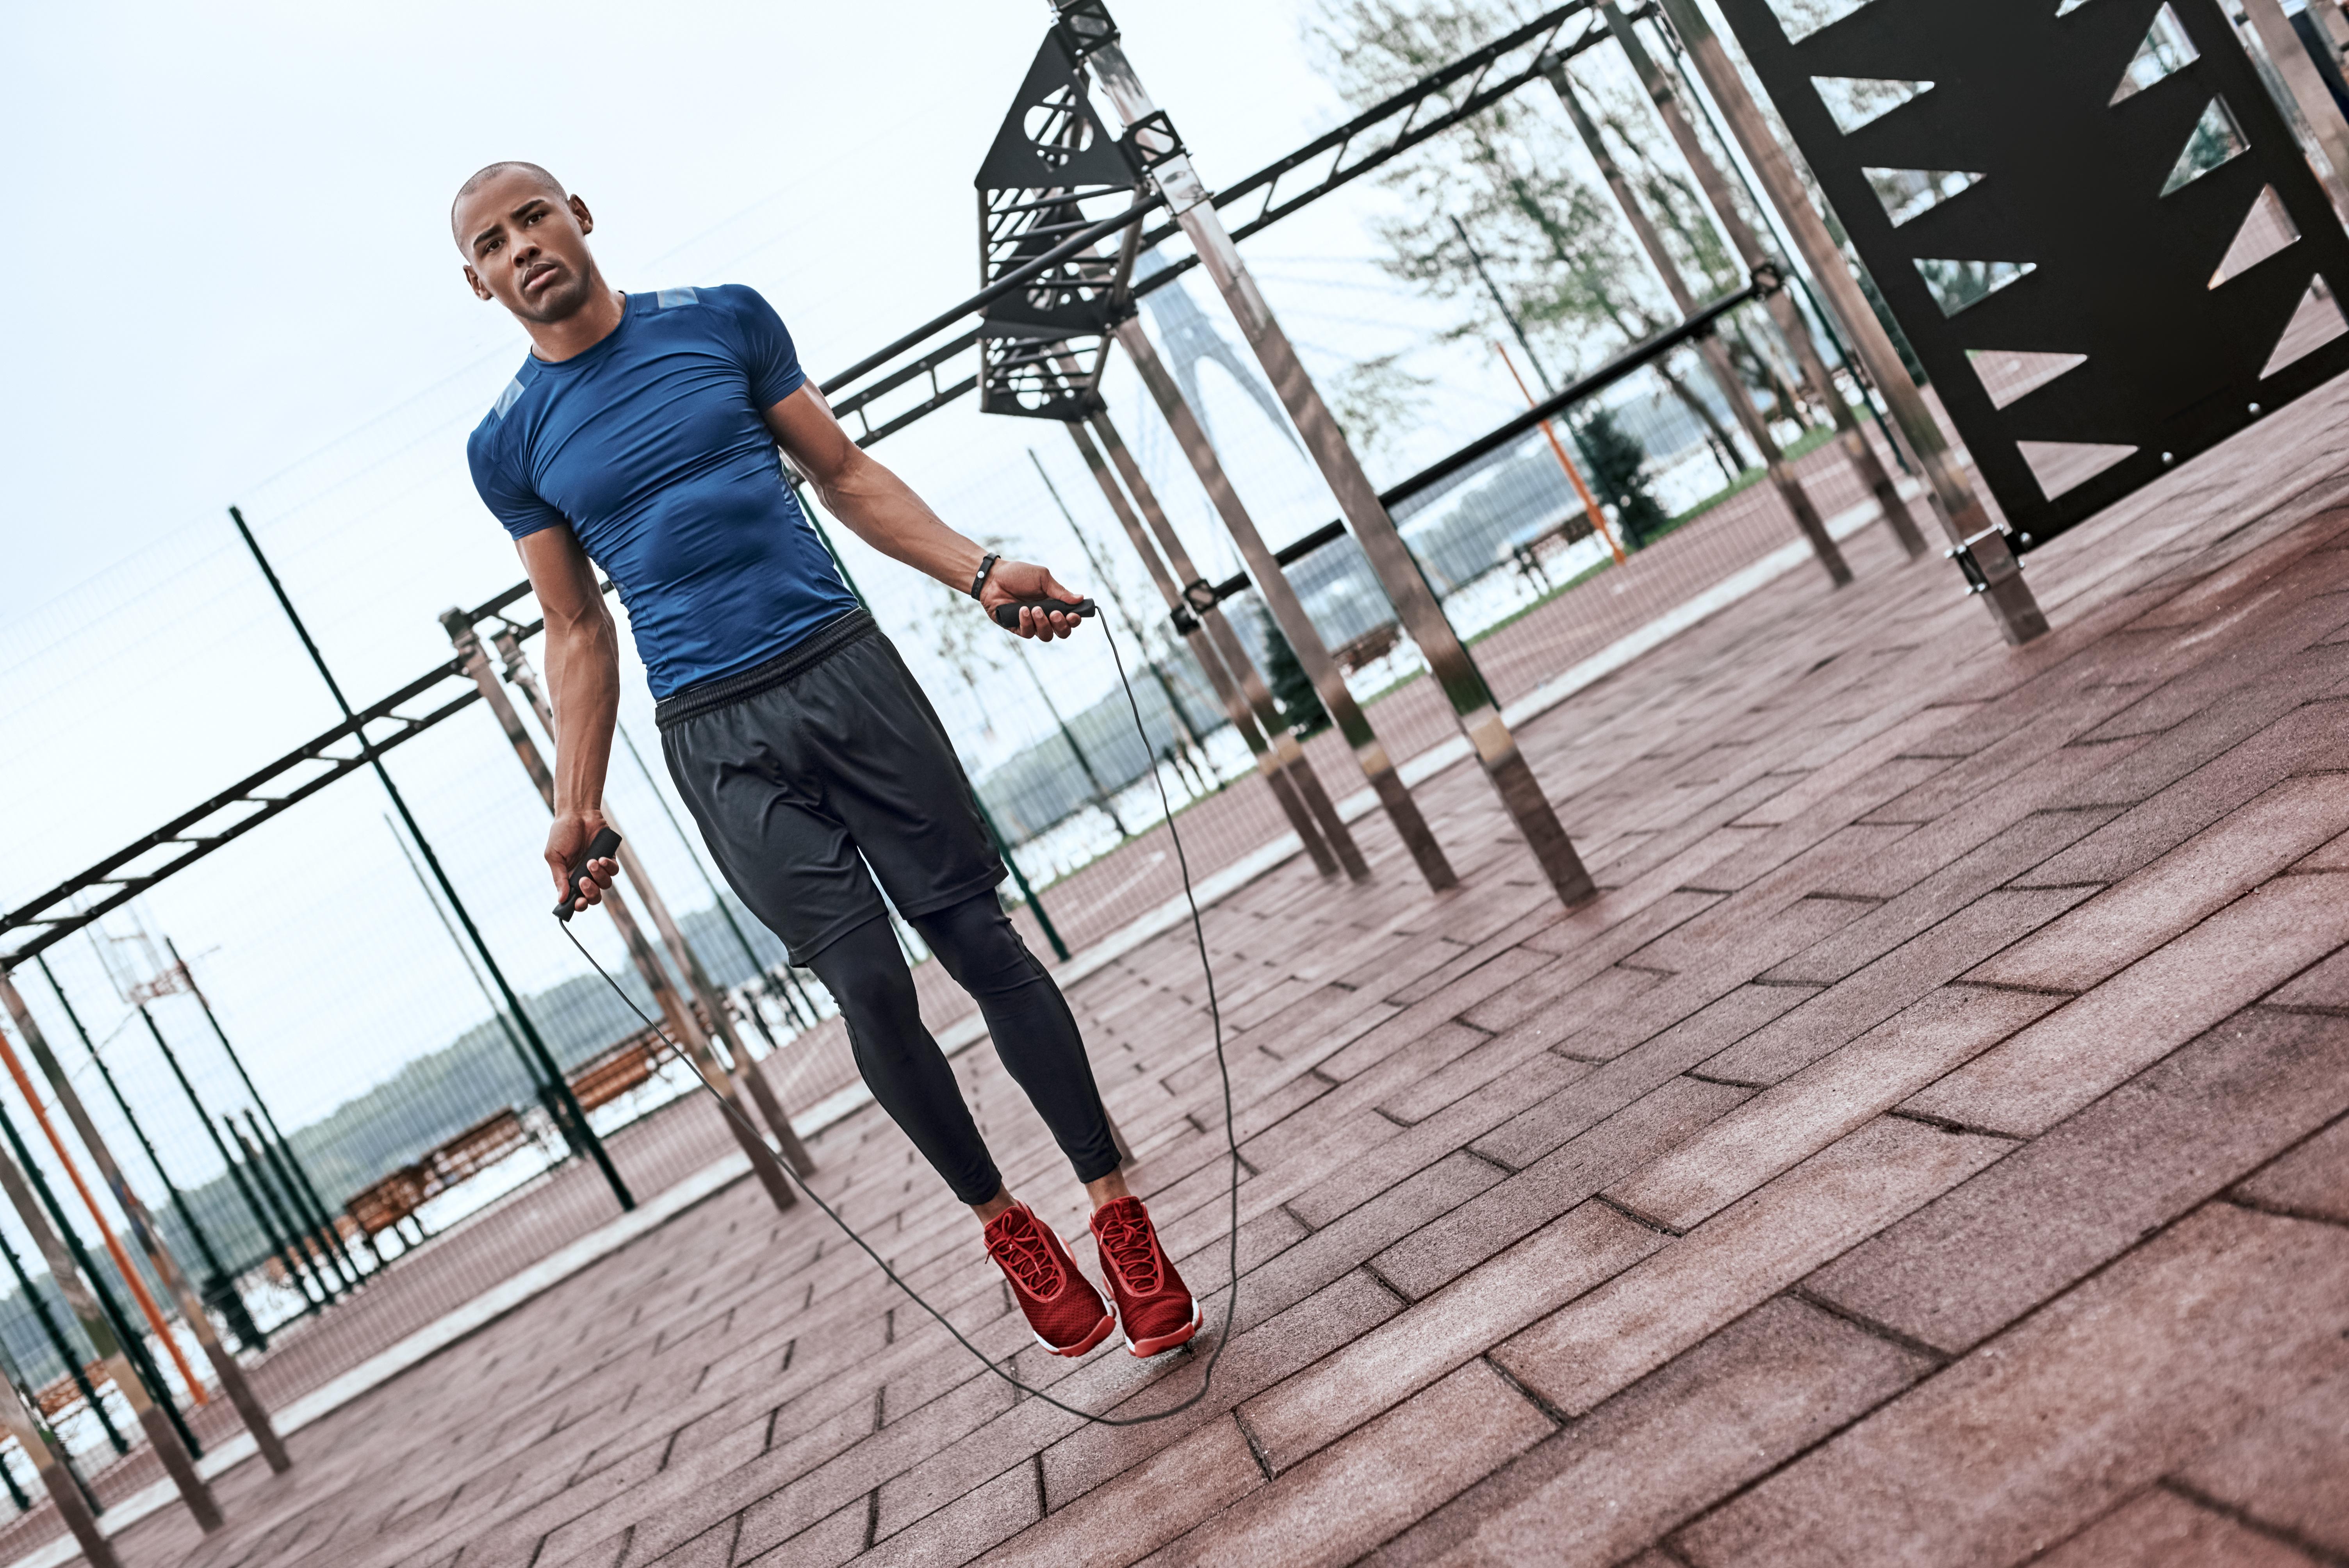 Seilspringen: Ein Mann springt draußen auf einem Trainingsparcours Seil